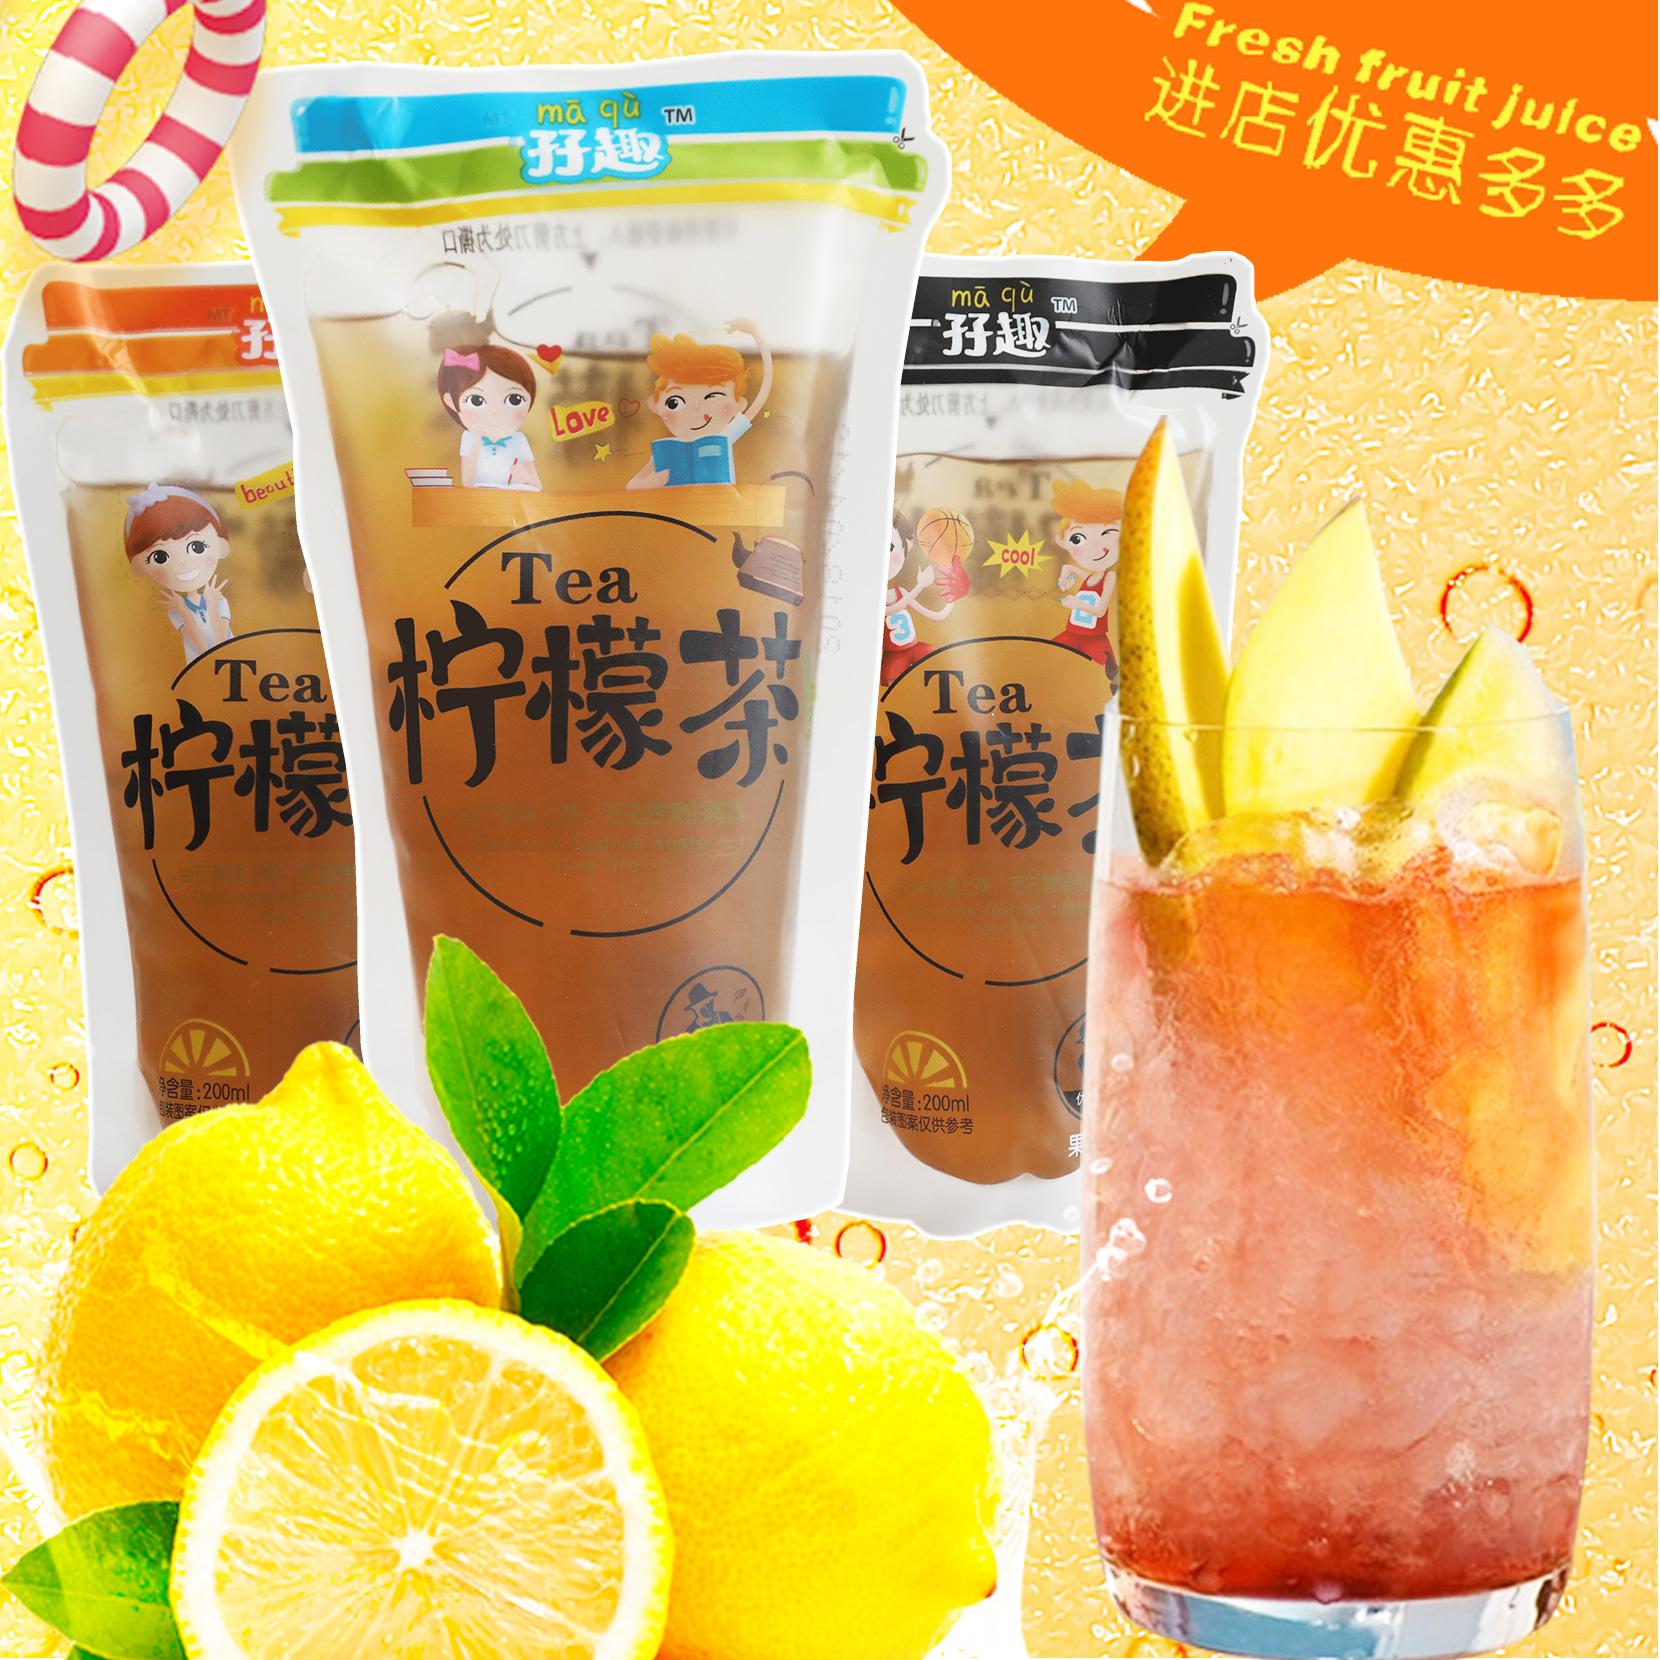 孖趣柠檬茶夏季饮品饮料果味饮料茶饮料柠檬水饮料袋装200ml*10袋